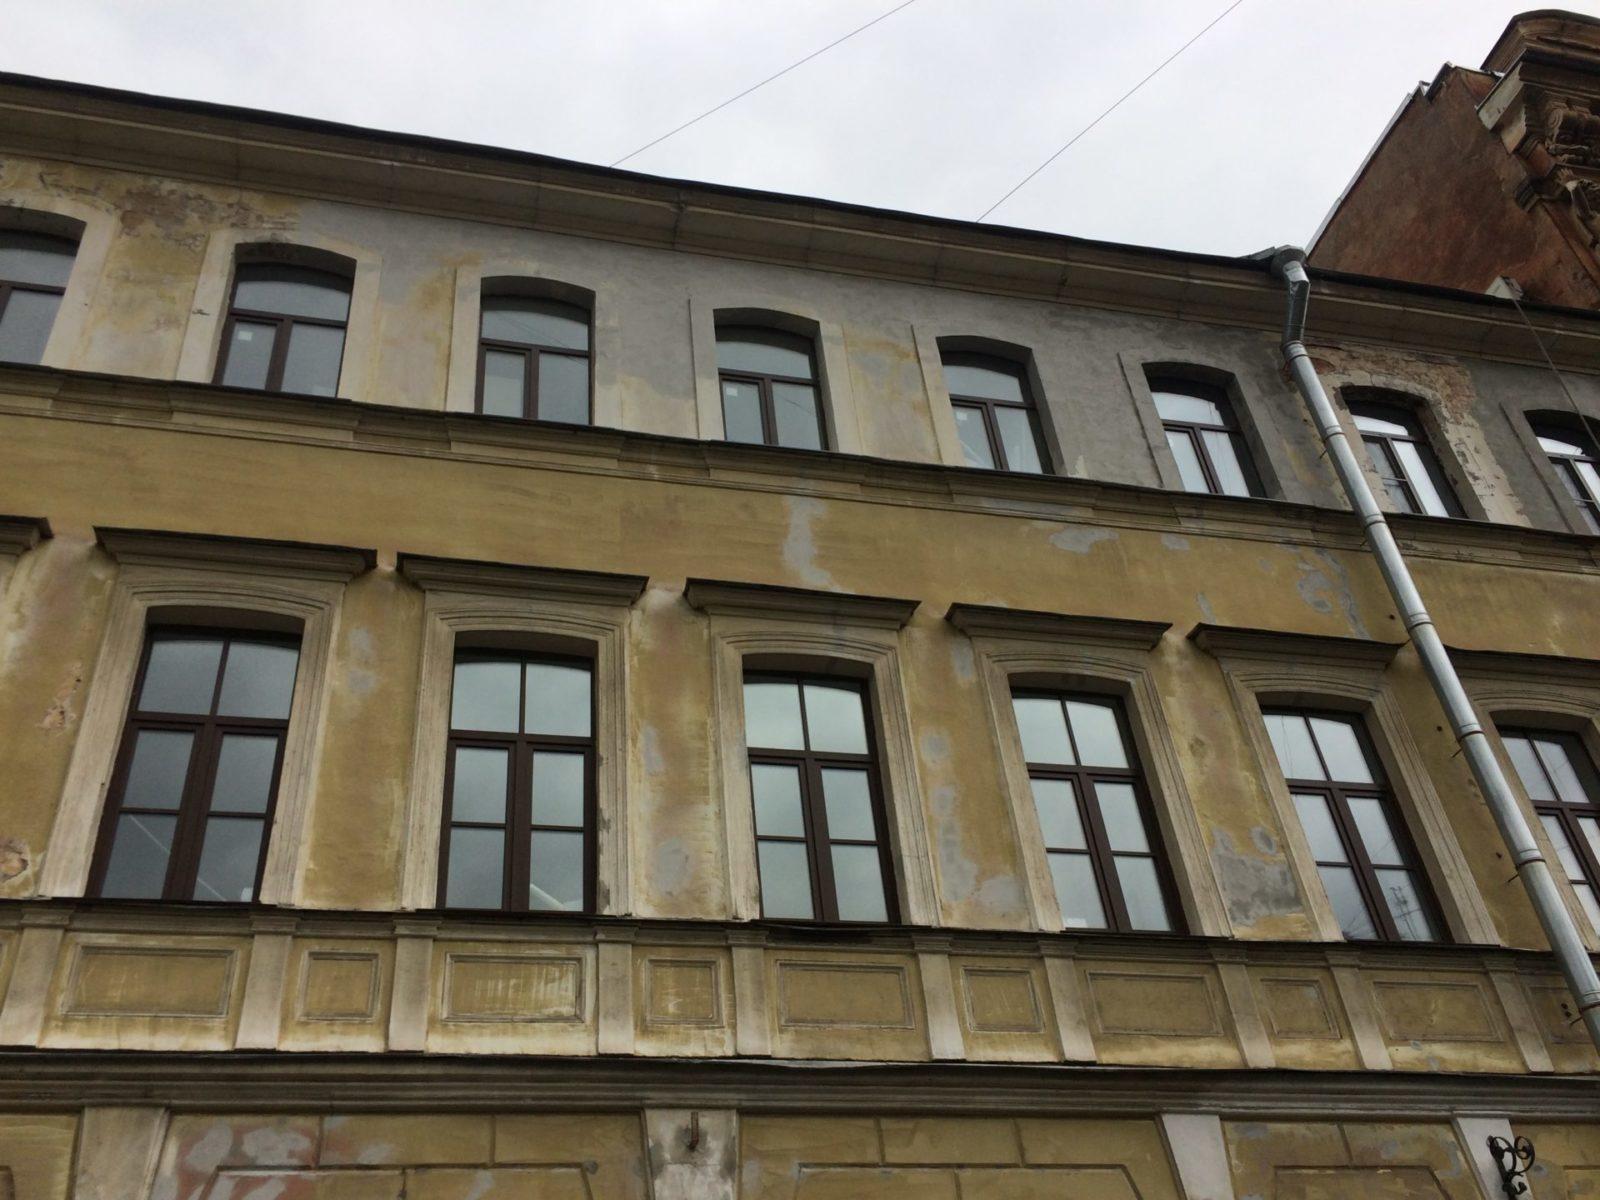 Выполнен косметический ремонт фасада здания для частного заказчика в 2017 году в Петербурге